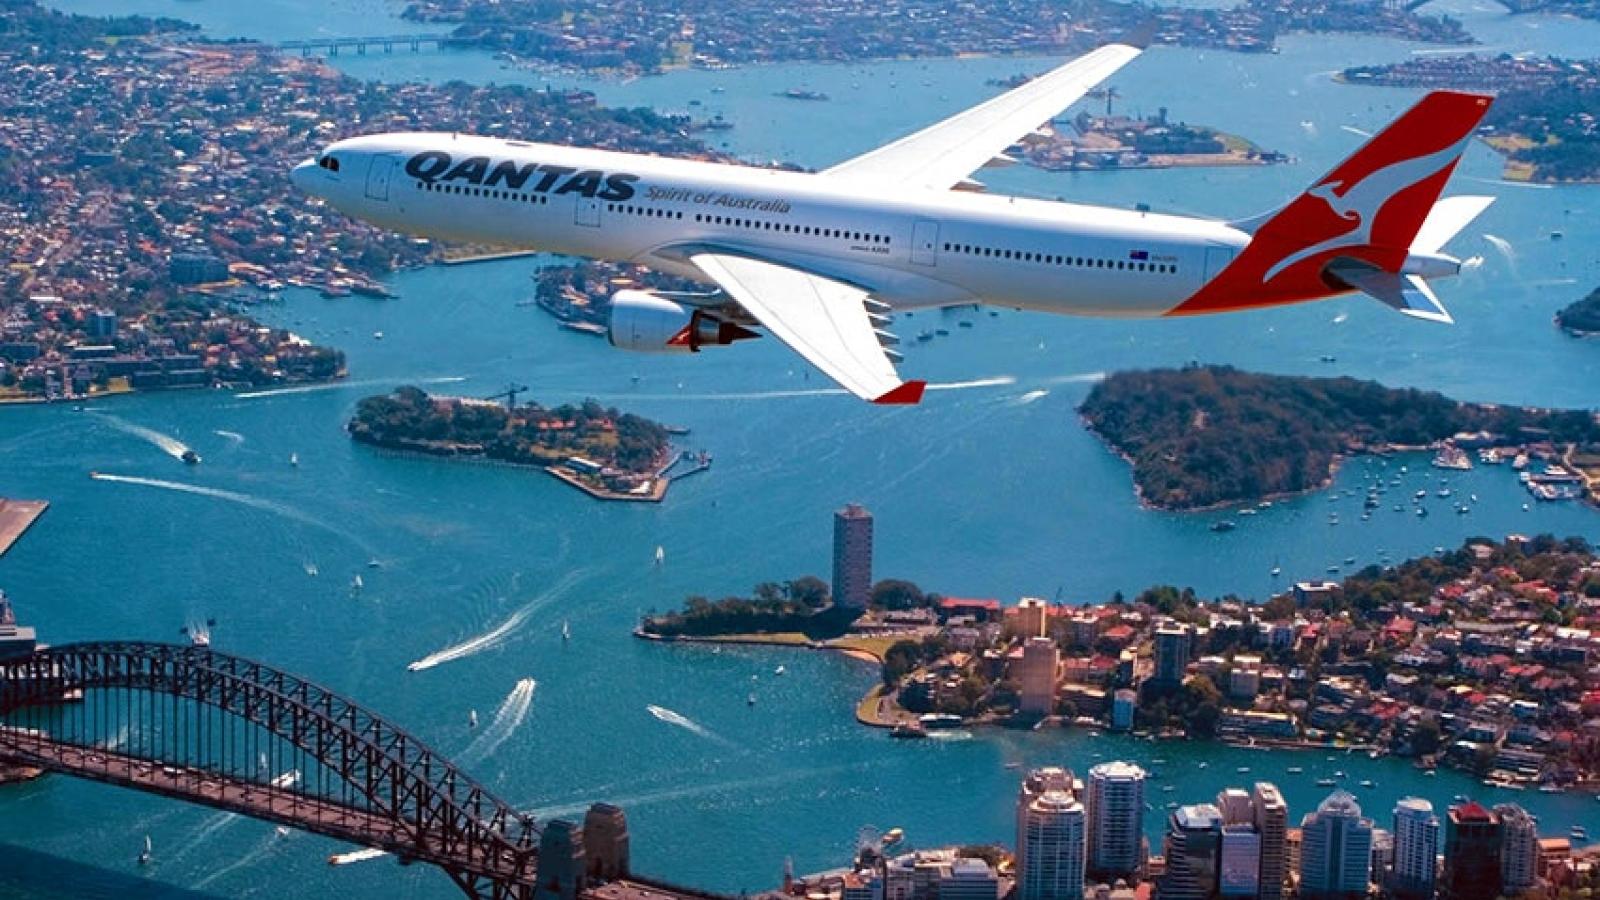 Hãng hàng không nào an toàn nhất năm 2021?